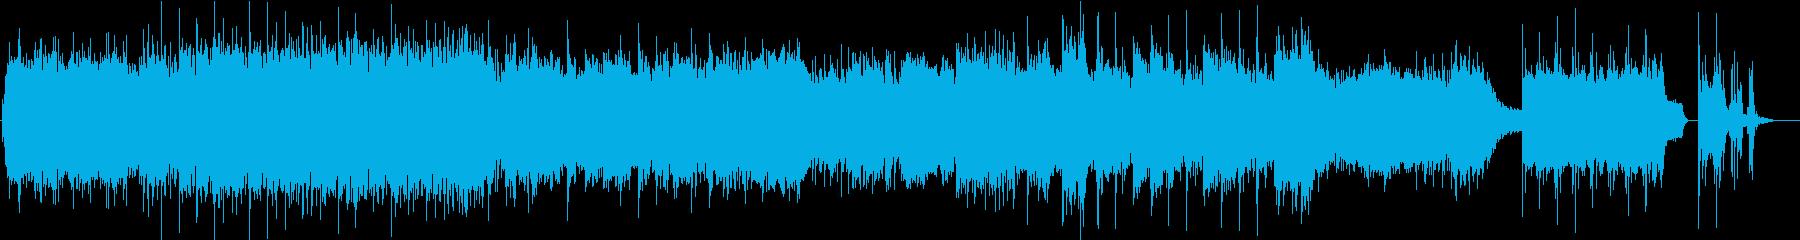 前進するイメージの3拍子のエレクトロニカの再生済みの波形